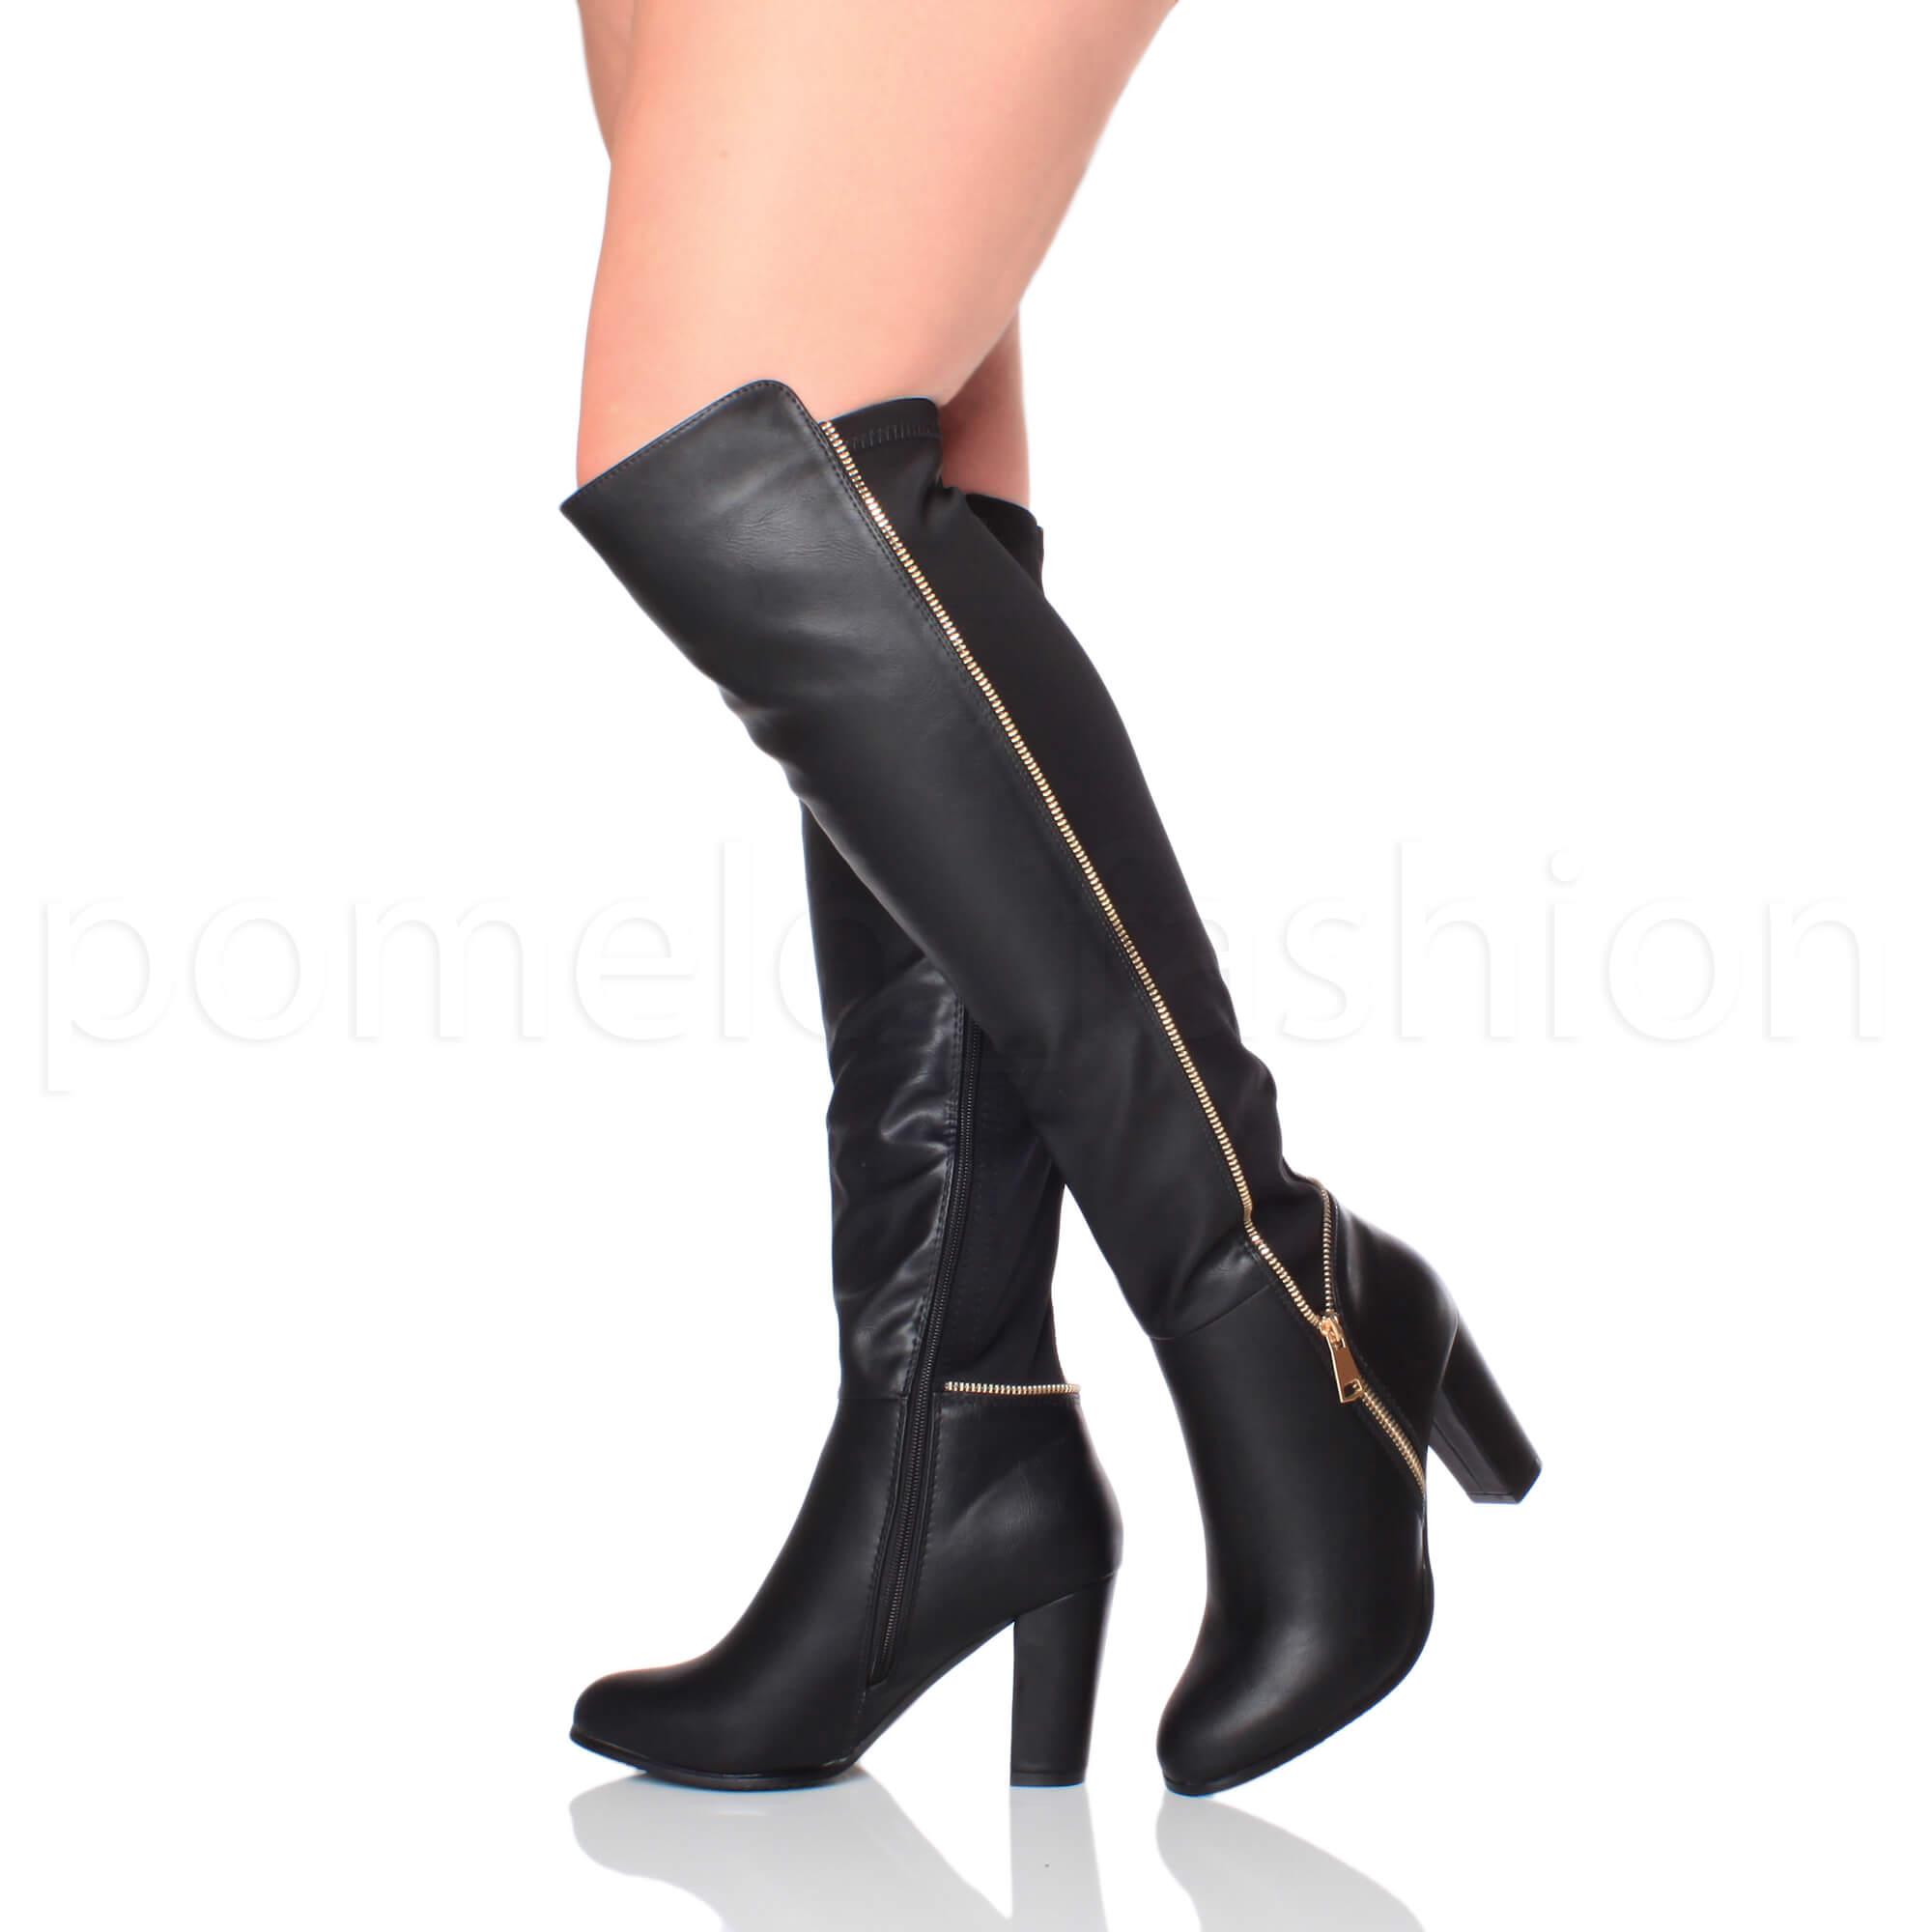 WOMENS LADIES BLOCK HIGH HEEL STRETCH GOLD ZIP BIKER SMART KNEE HIGH BOOTS  SIZE a4ca5d467901